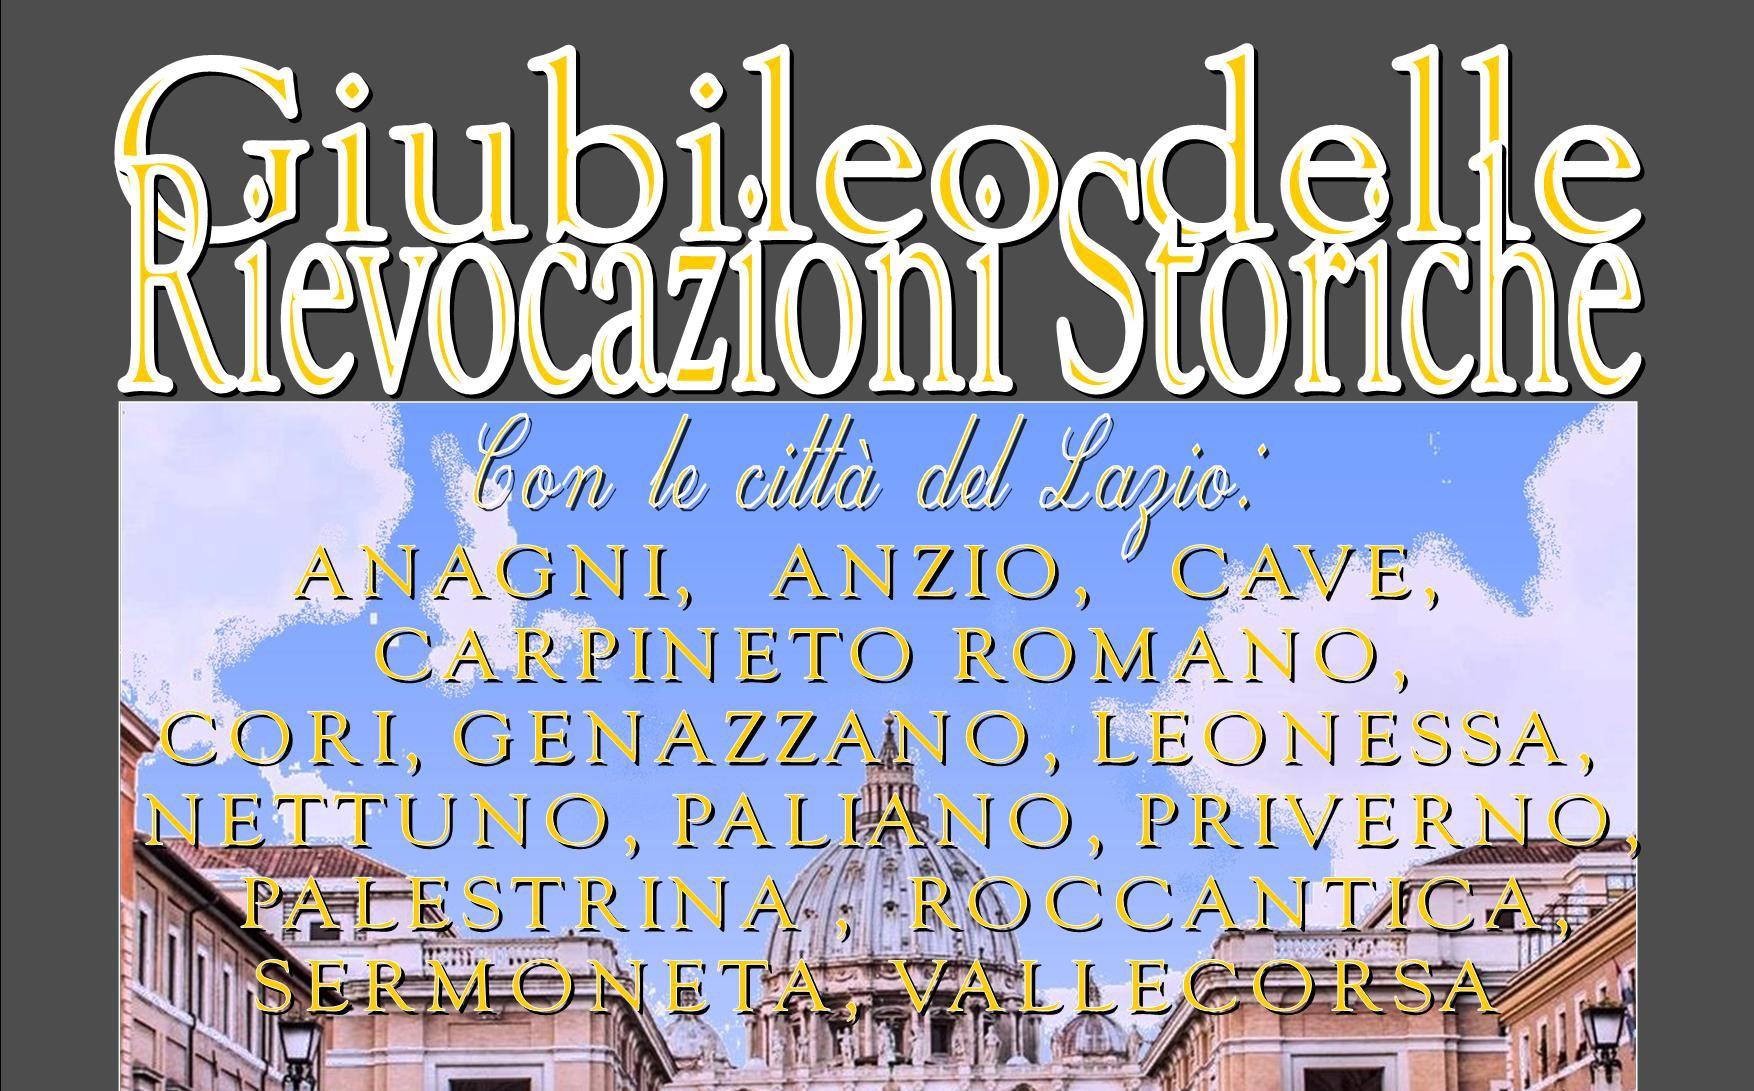 Giubileo delle rievocazioni storiche, 14 paesi del Lazio hanno aderito all'iniziativa